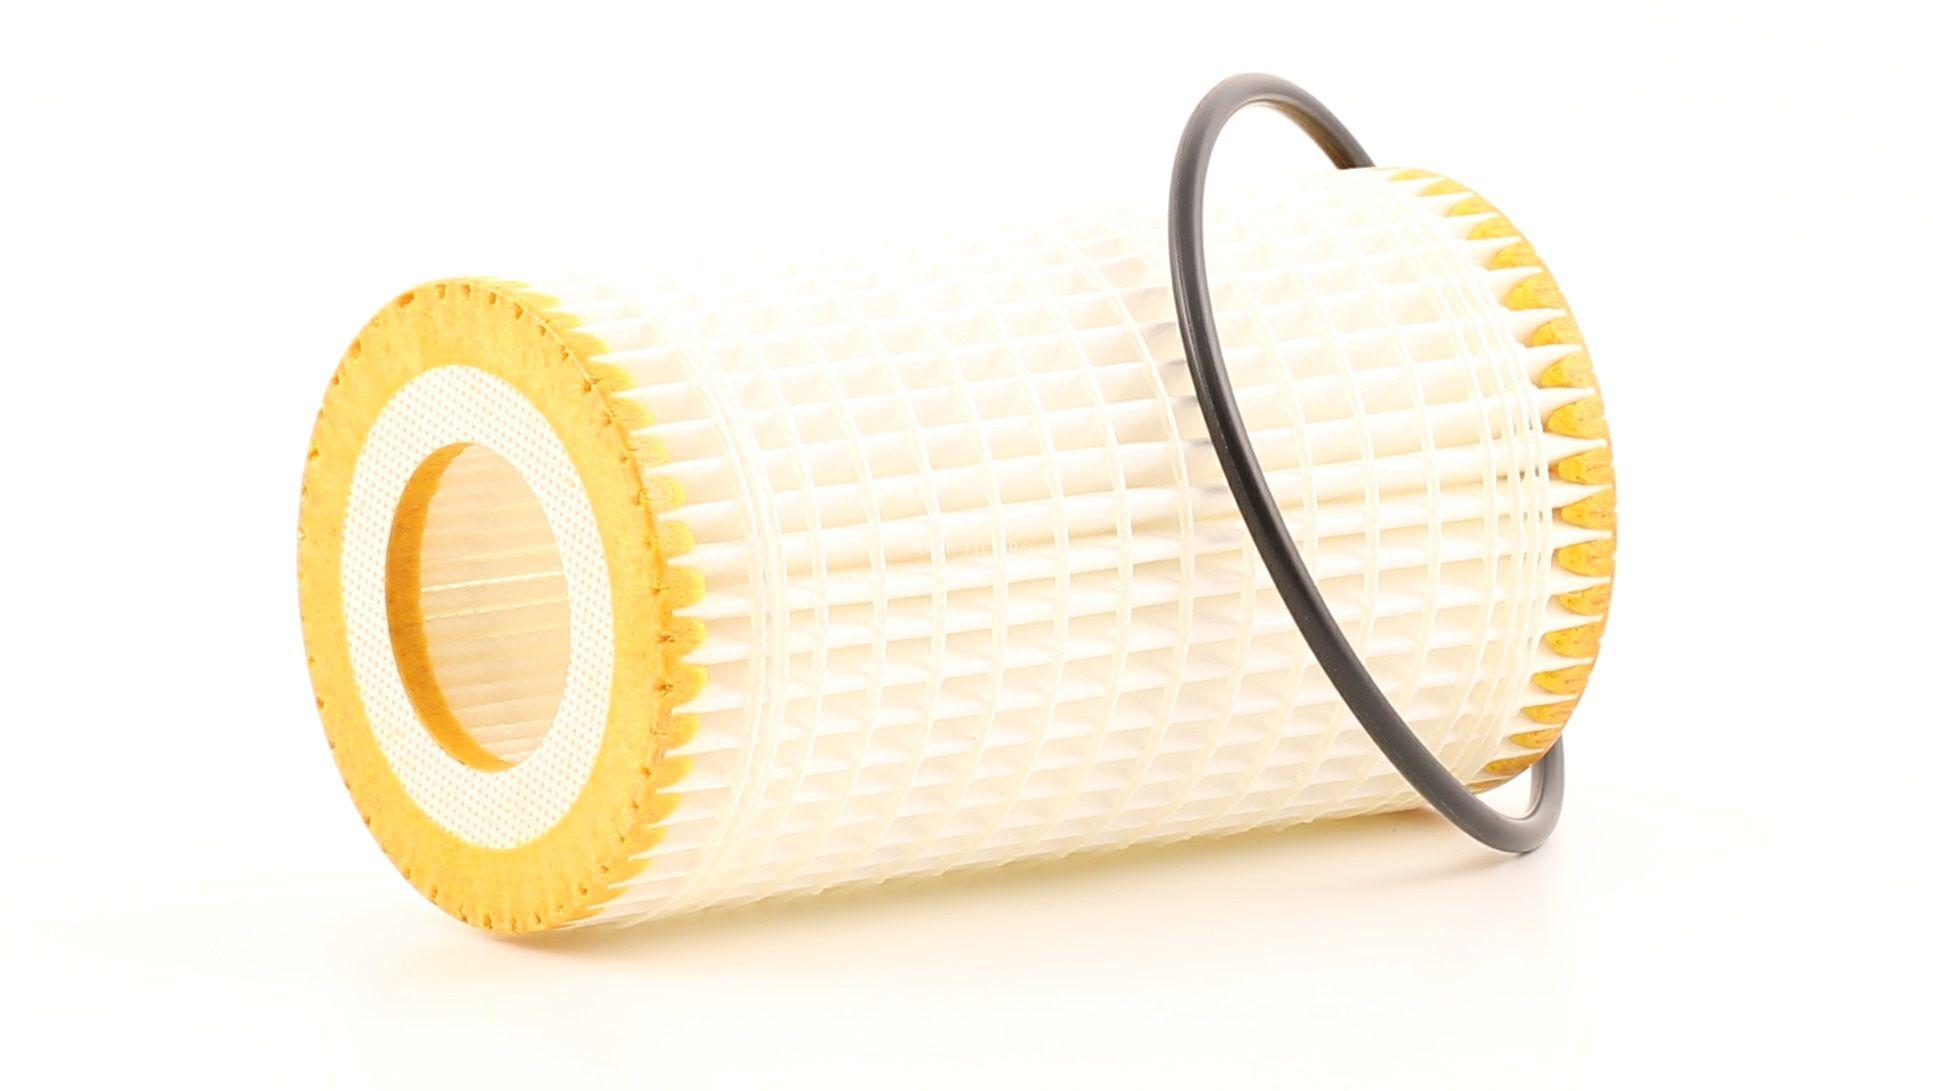 Comprare HU 718/5 x MANN-FILTER con guarnizioni Diametro interno: 31mm, Ø: 64mm, Alt.: 115mm Filtro olio HU 718/5 x poco costoso